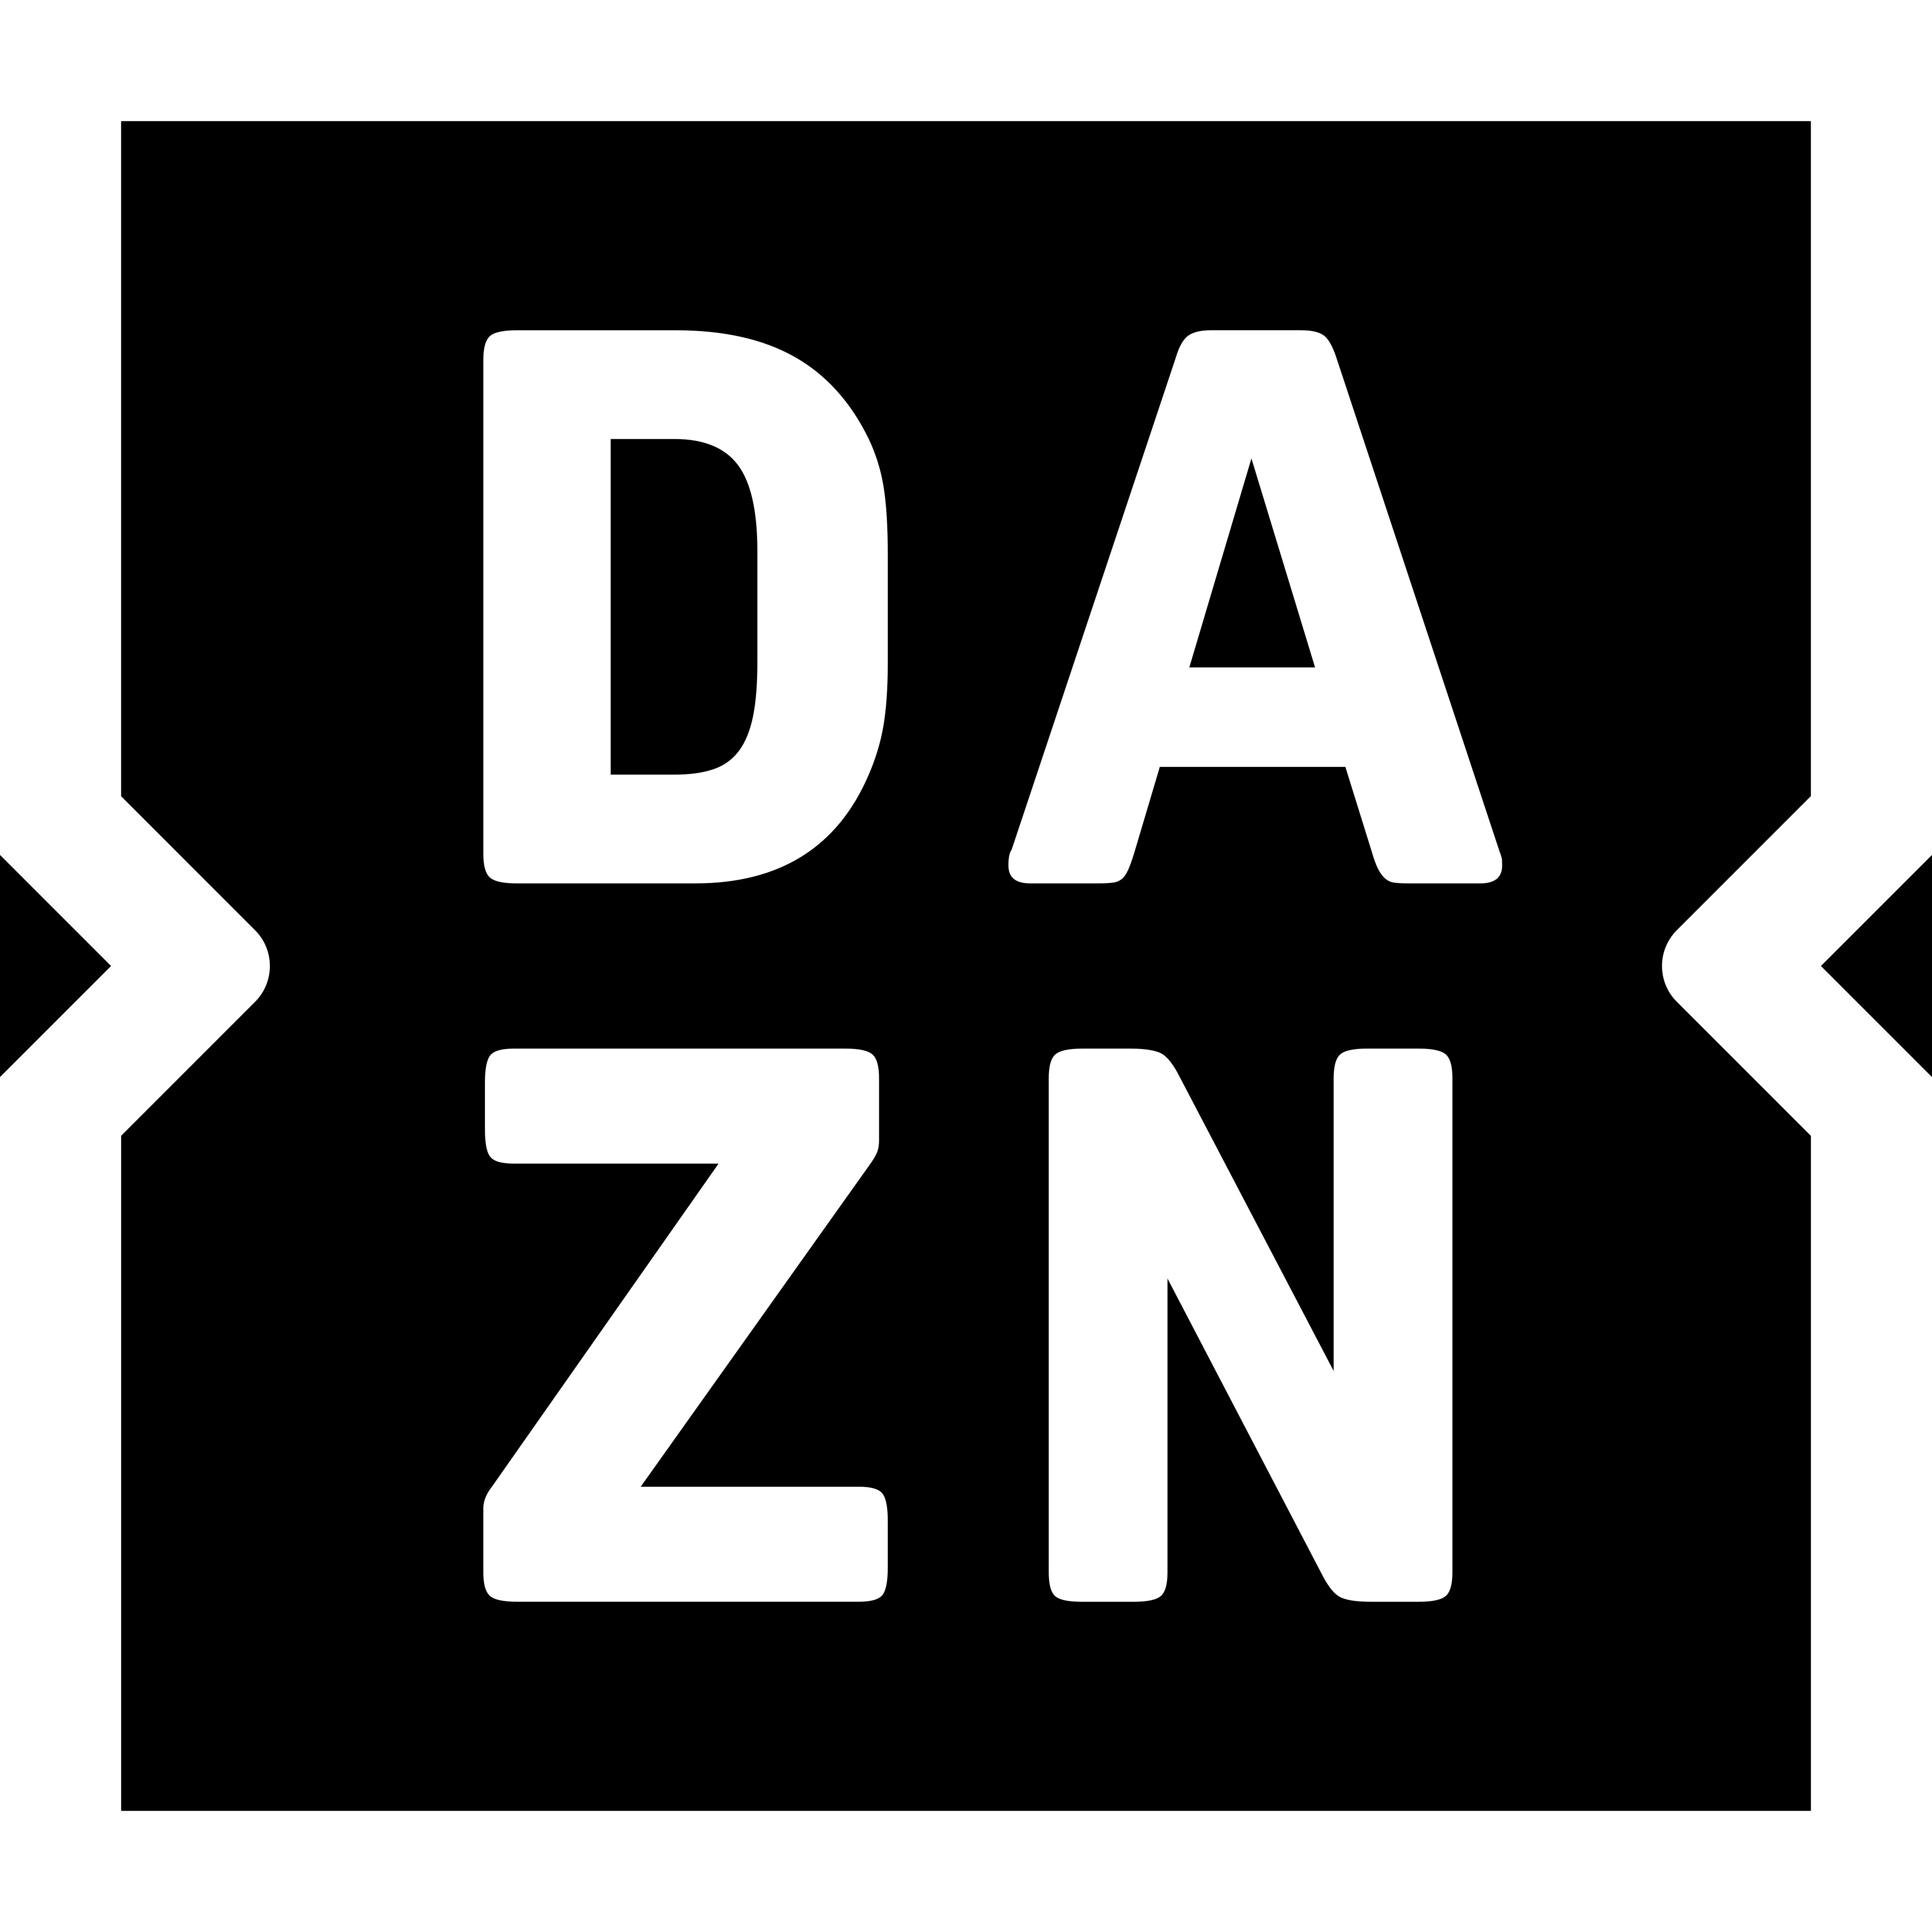 dazn logo 8 - DAZN Logo